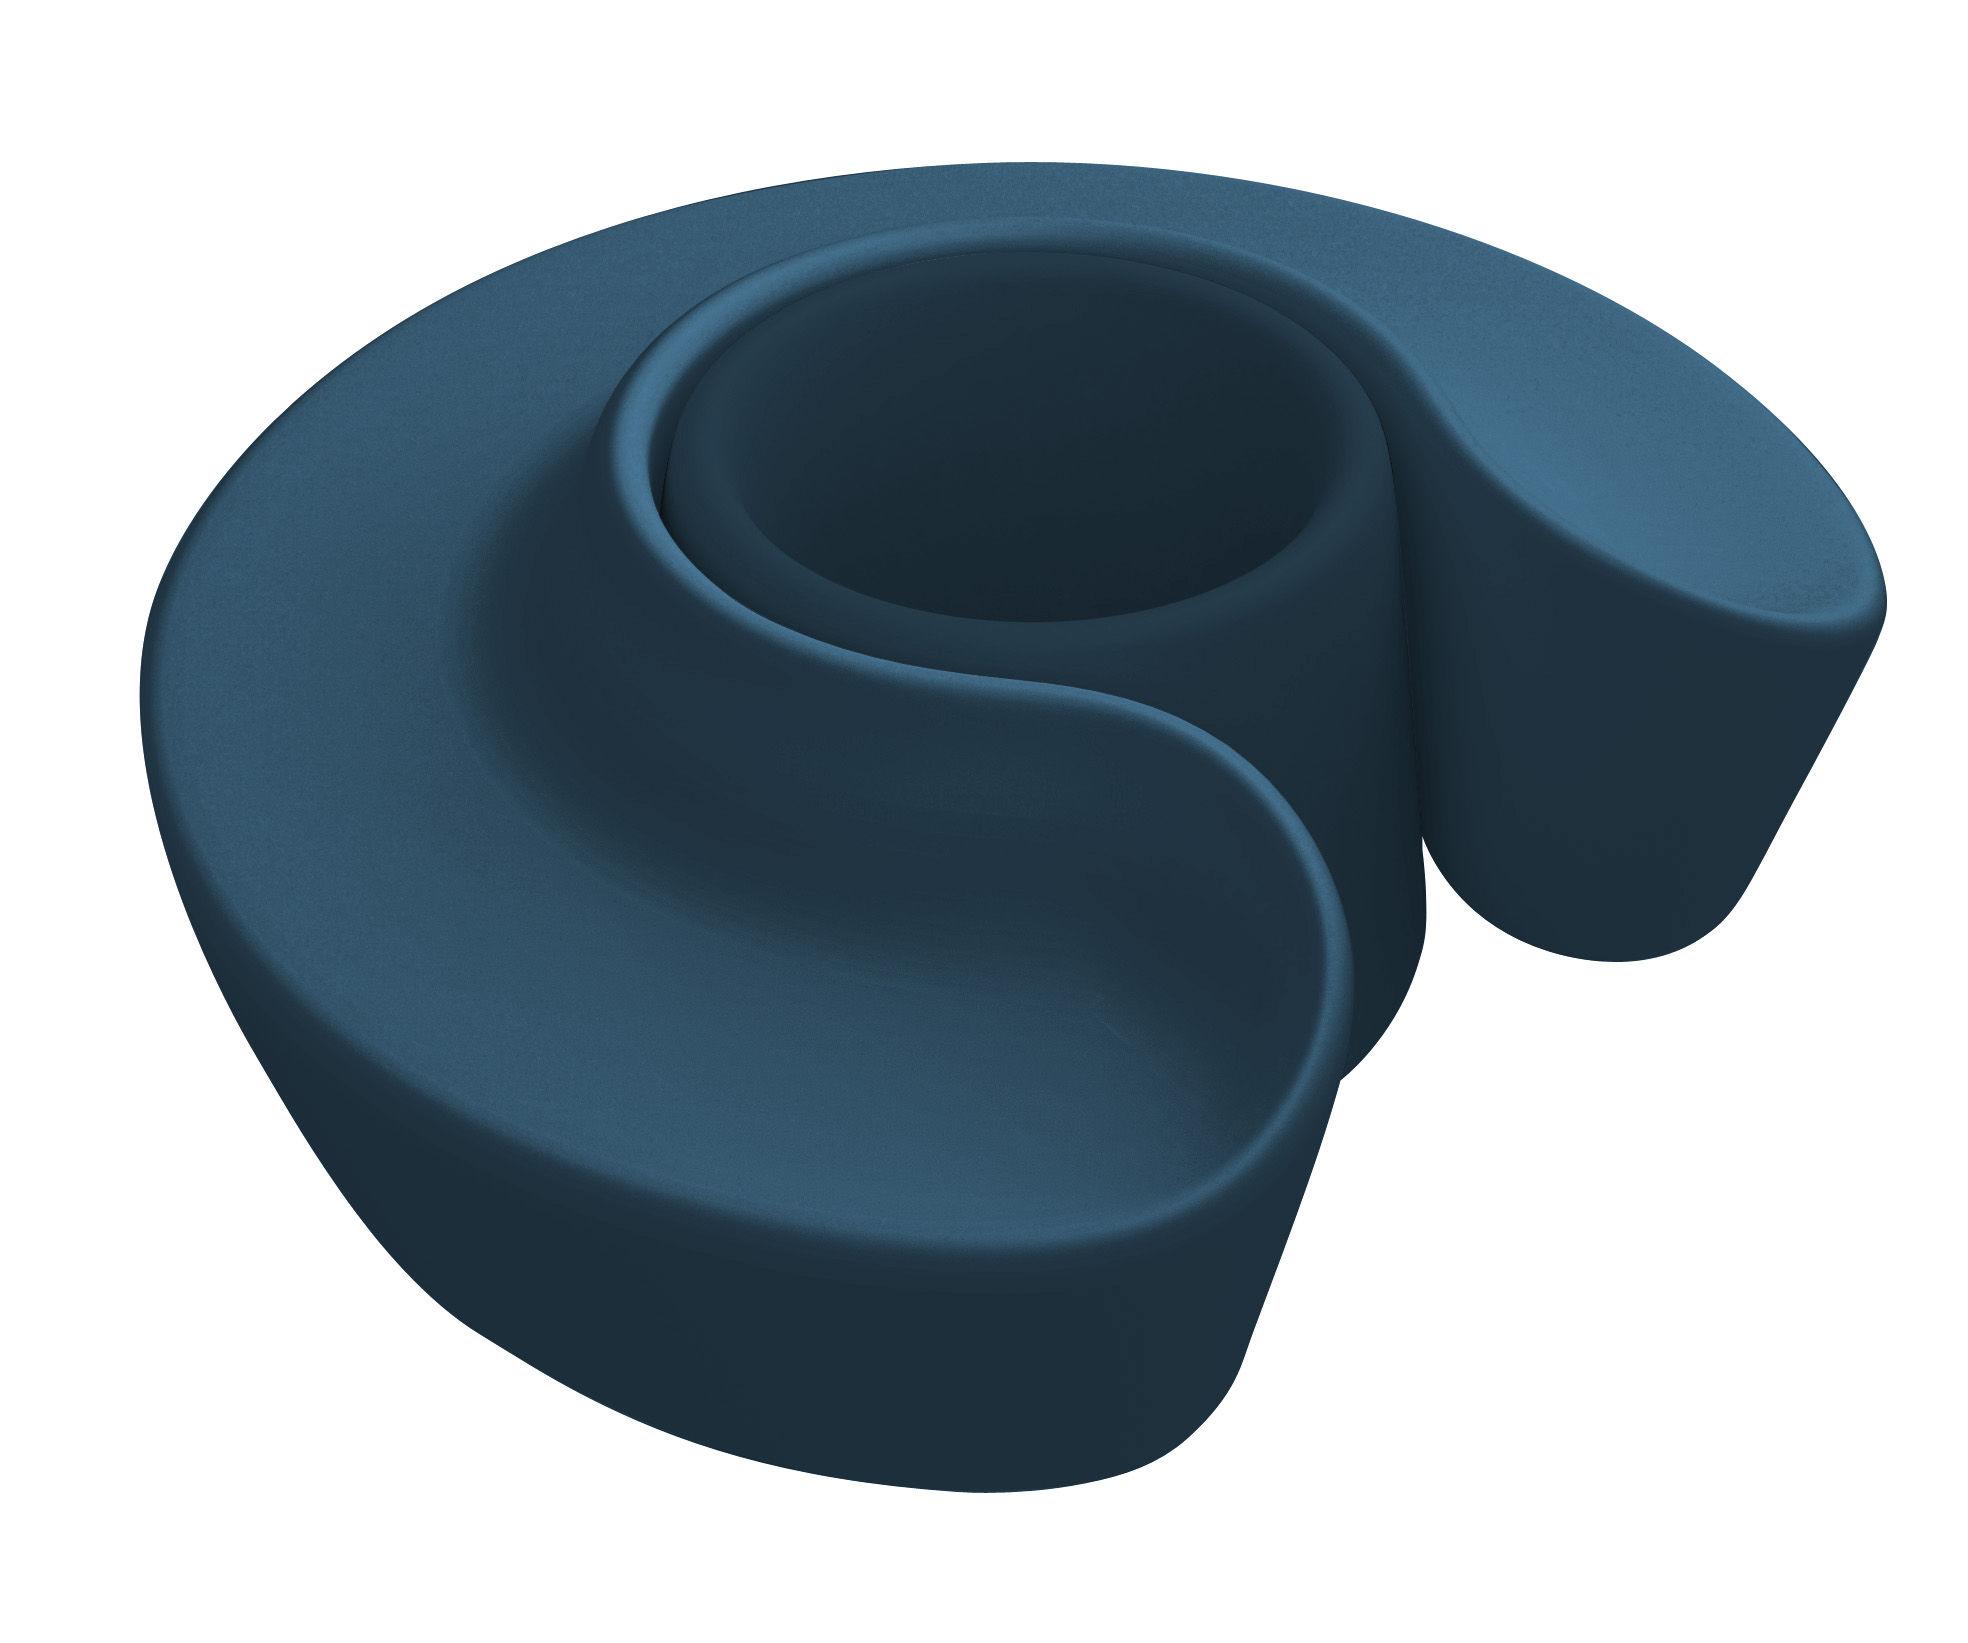 Banc sardana offre 1 banc rond 1 pot de fleurs xxl bleu nuit qui est paul made in design - Pot de fleur xxl ...